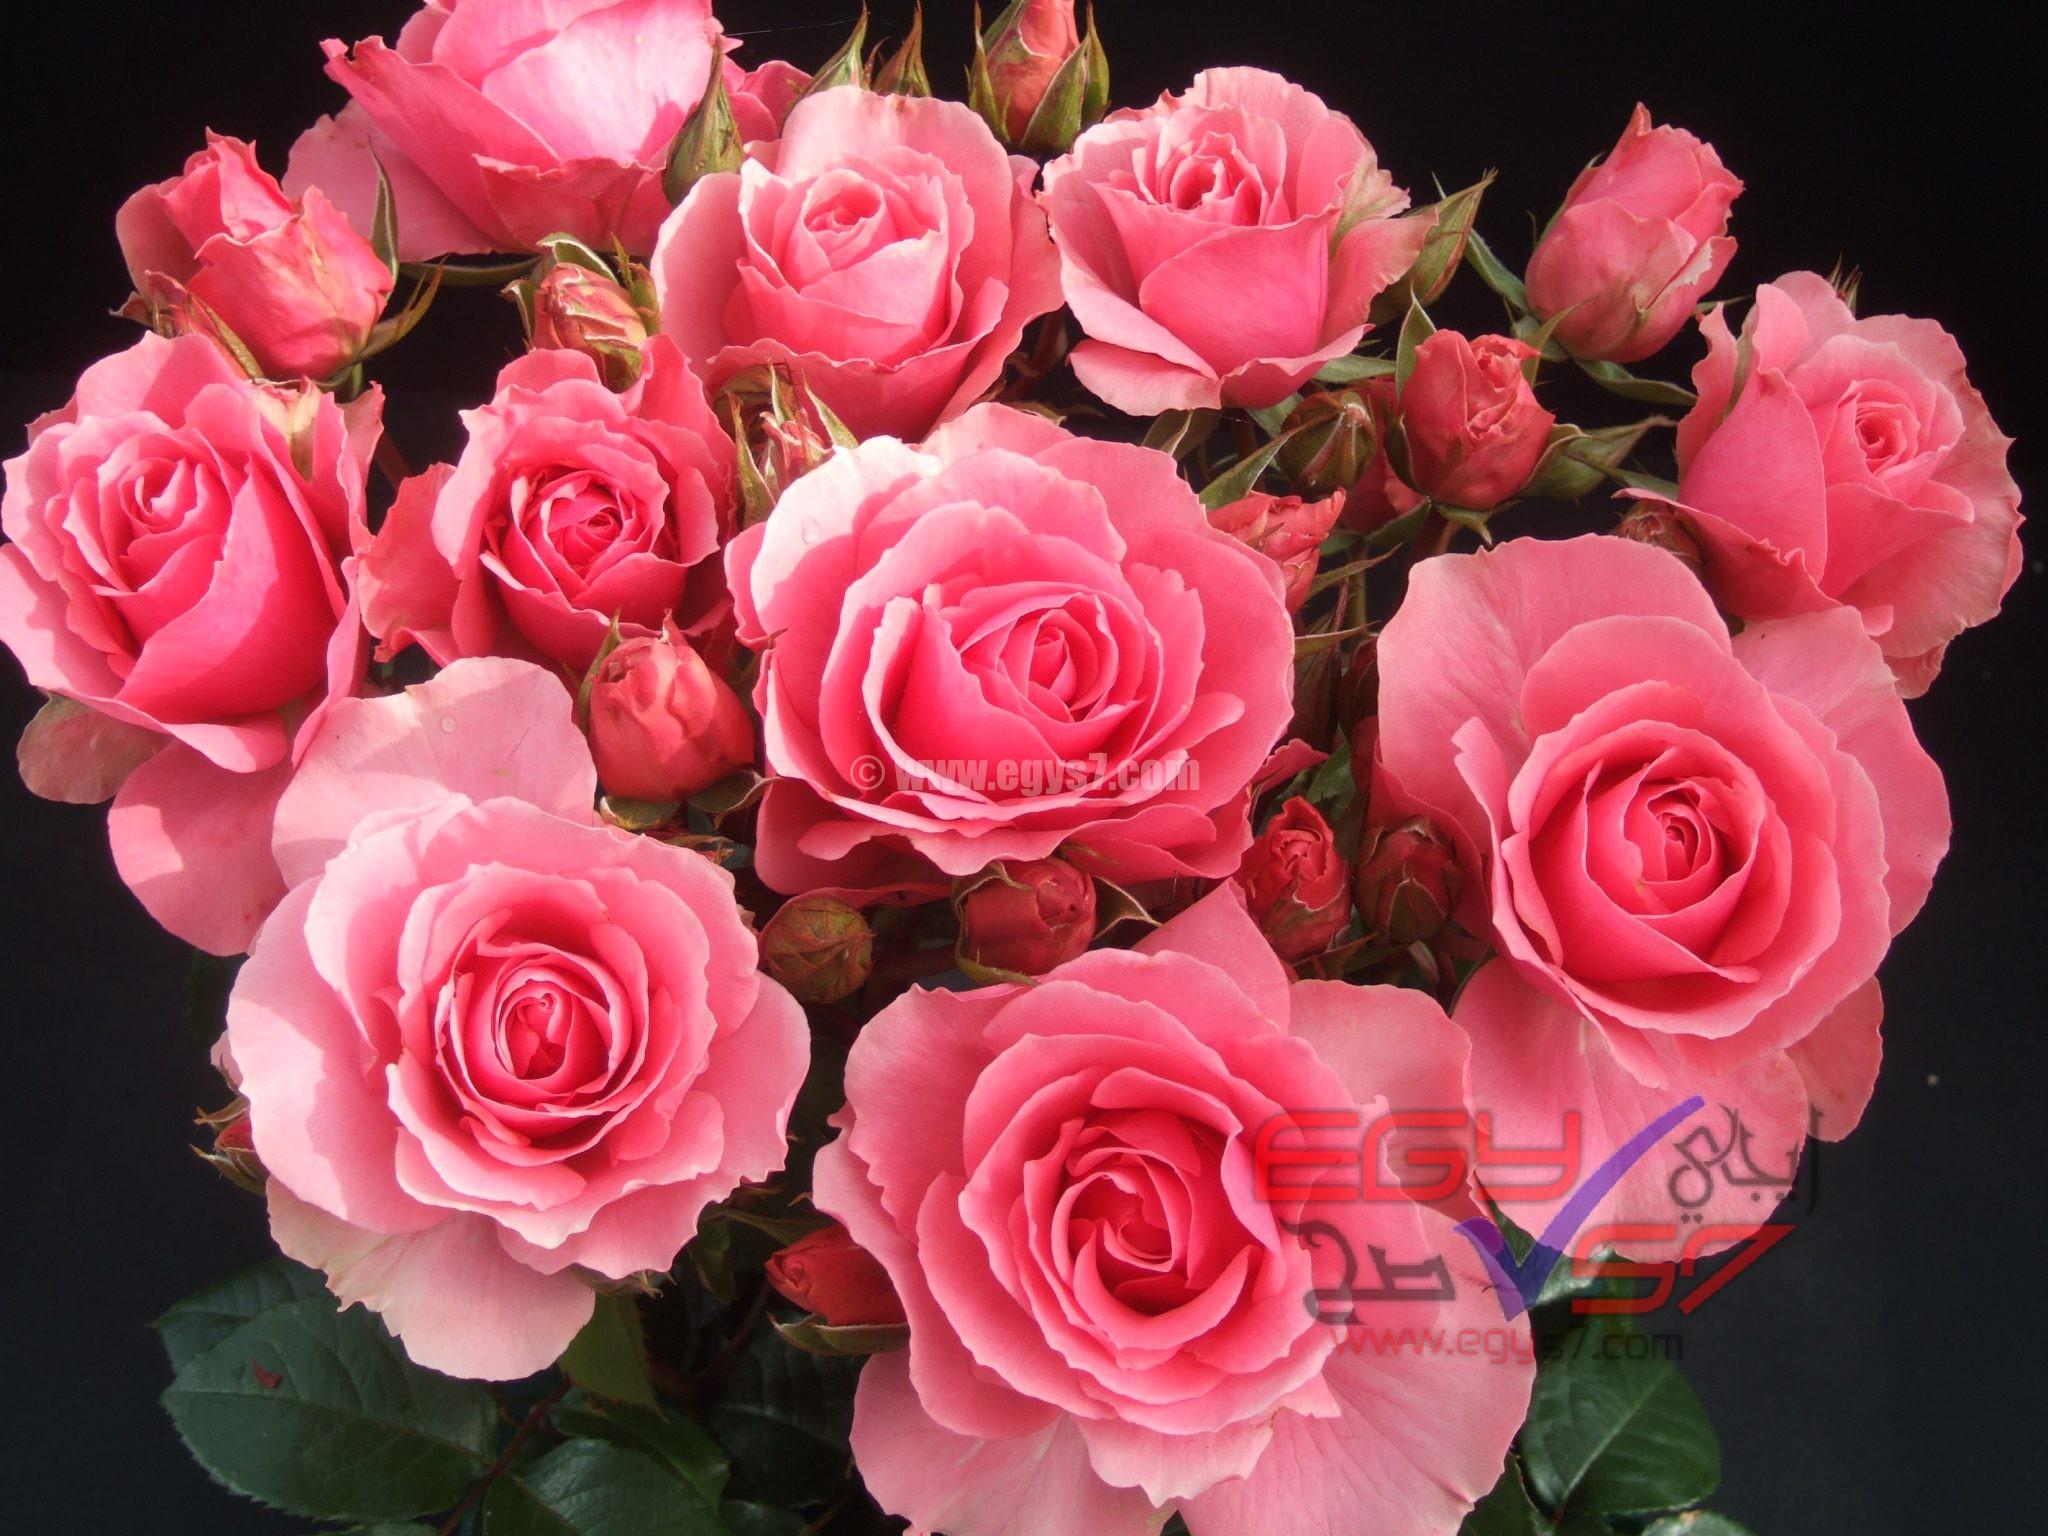 صور ورود جميلة اجمل صور خلفيات الورود كيوت